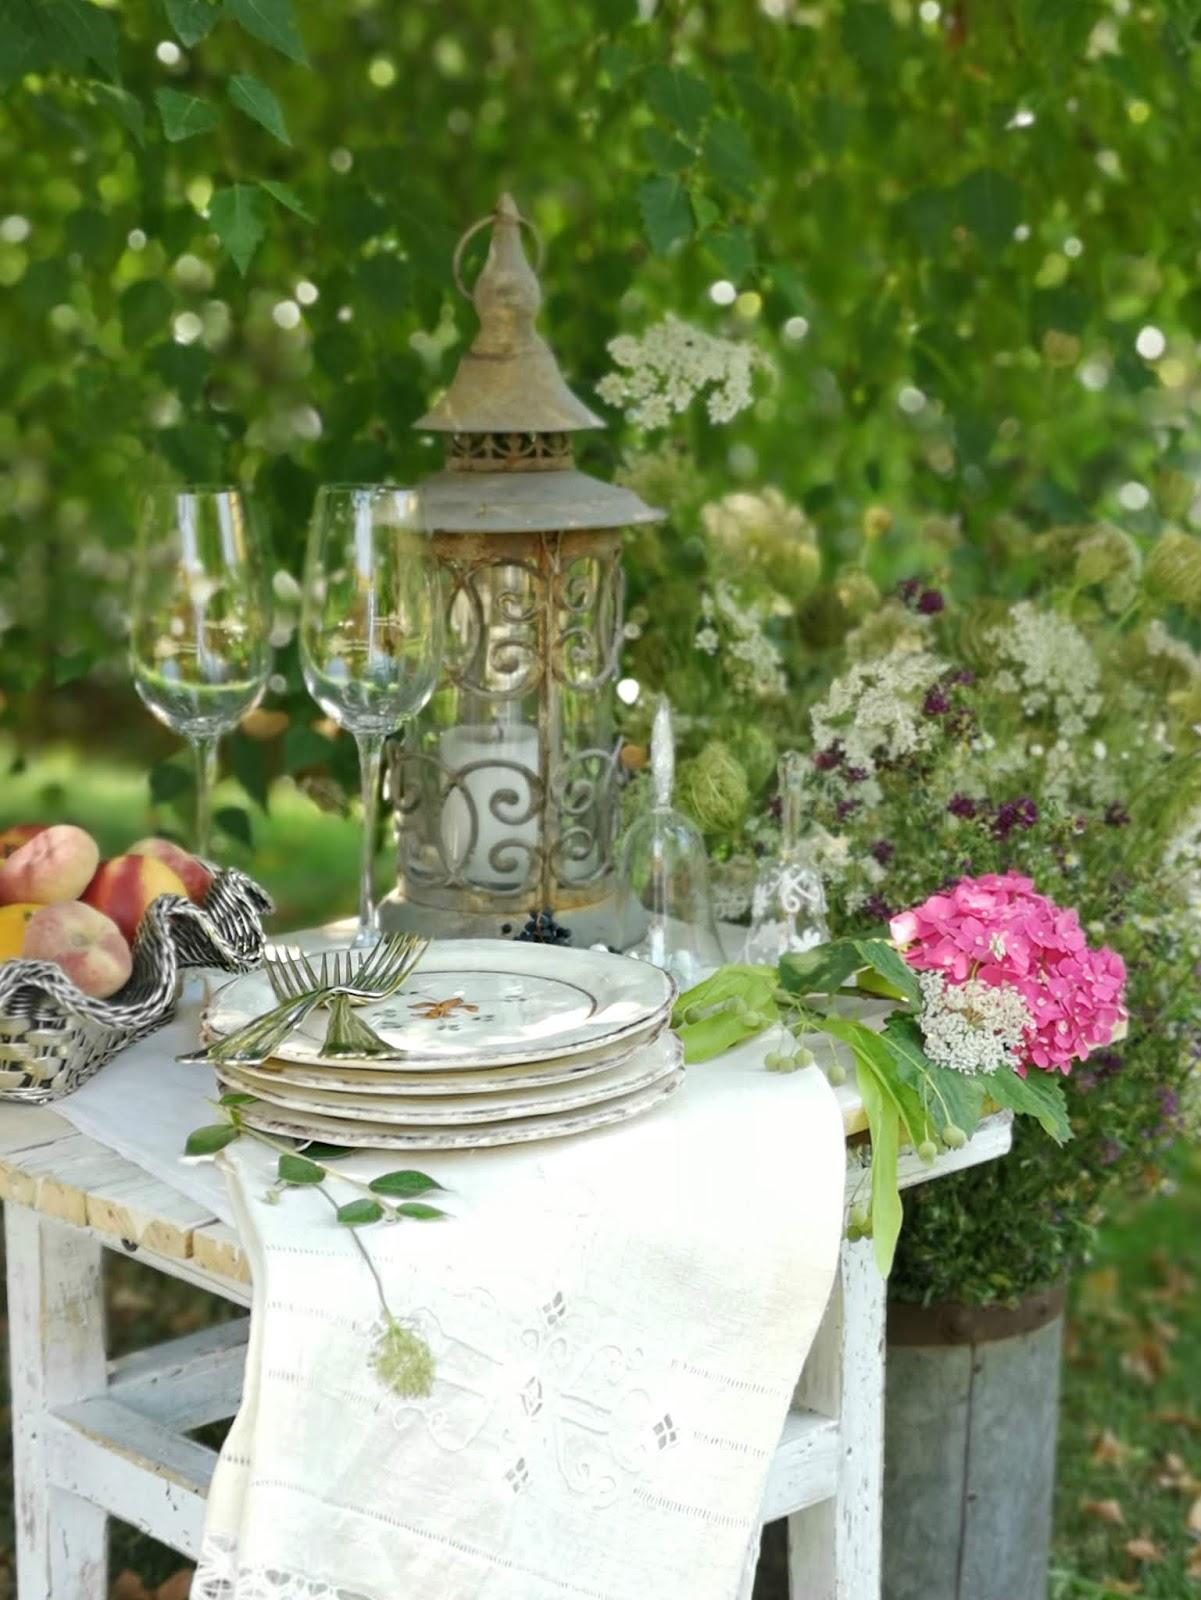 apparecchiare per un aperitivo in giardino